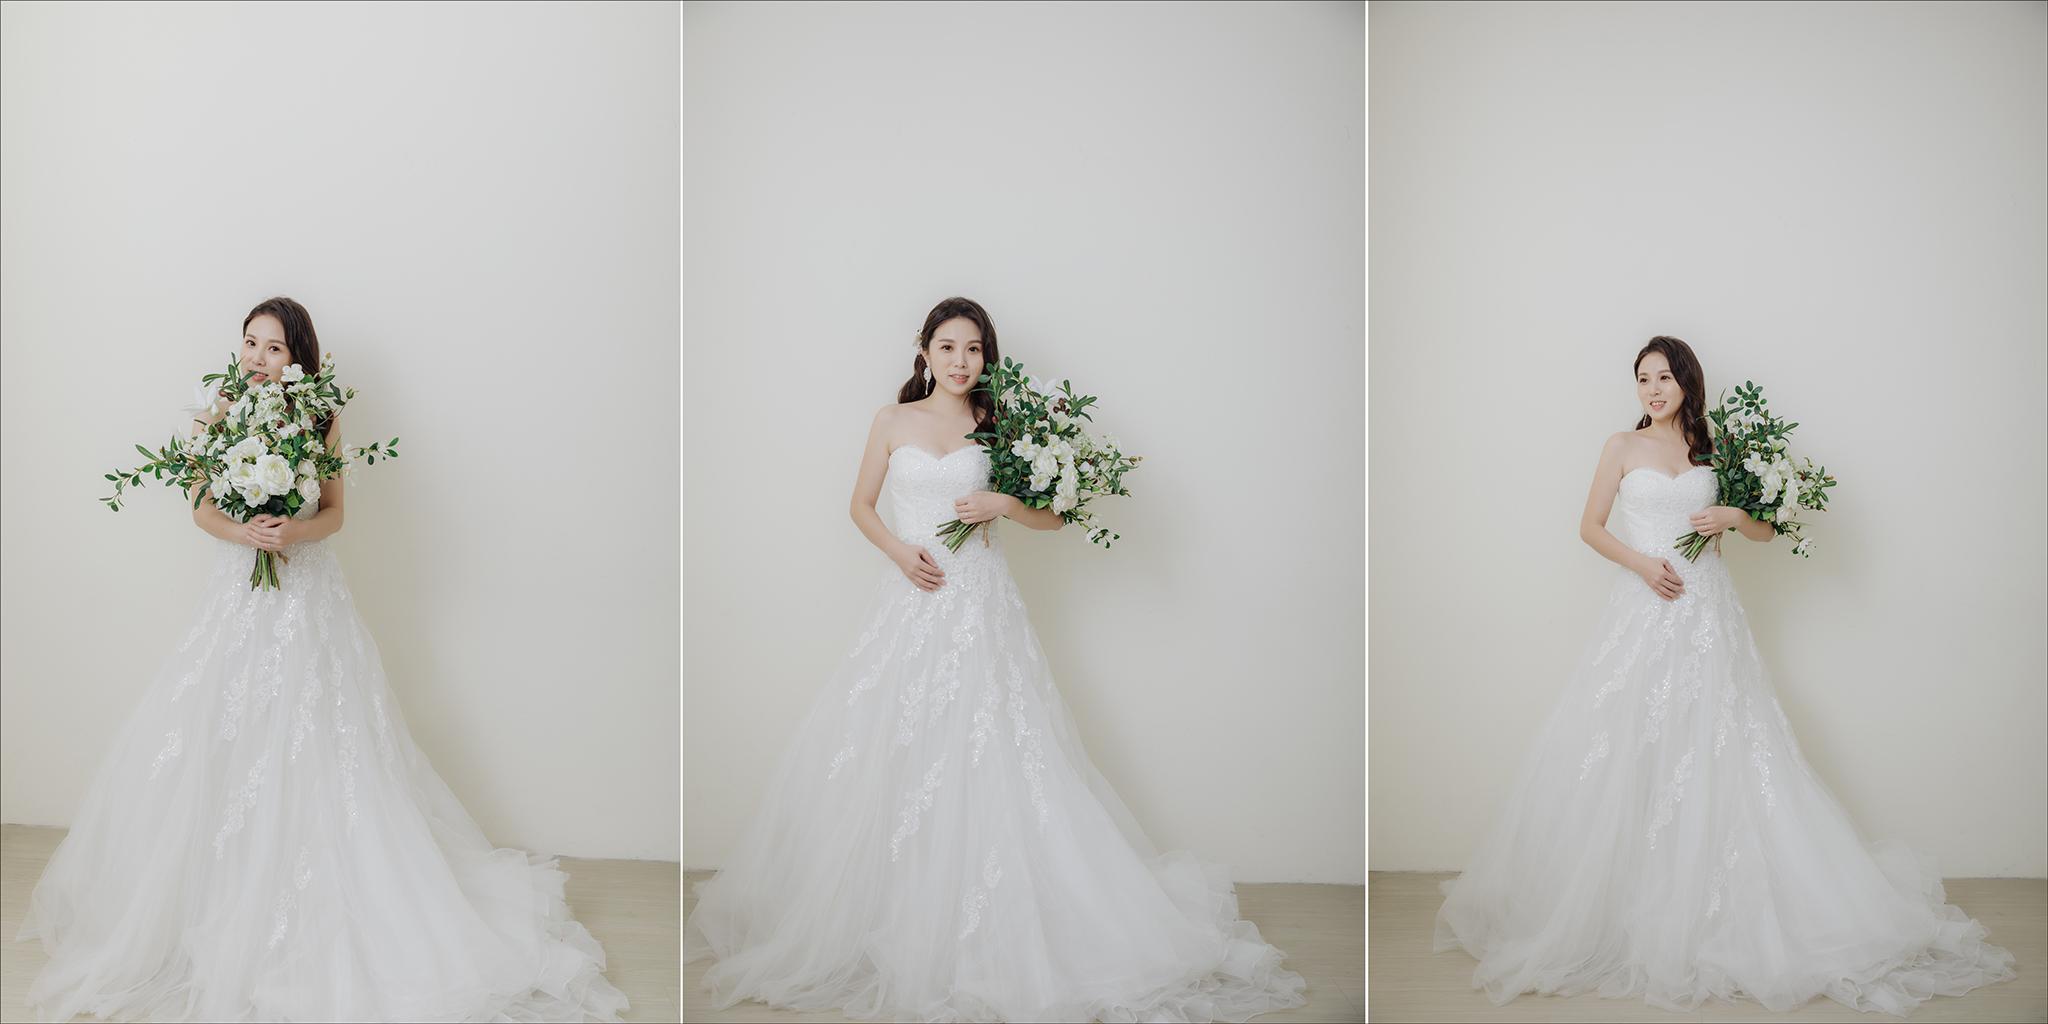 49599524317 60c654c408 o - 【自助婚紗】+啟安&虹虹+